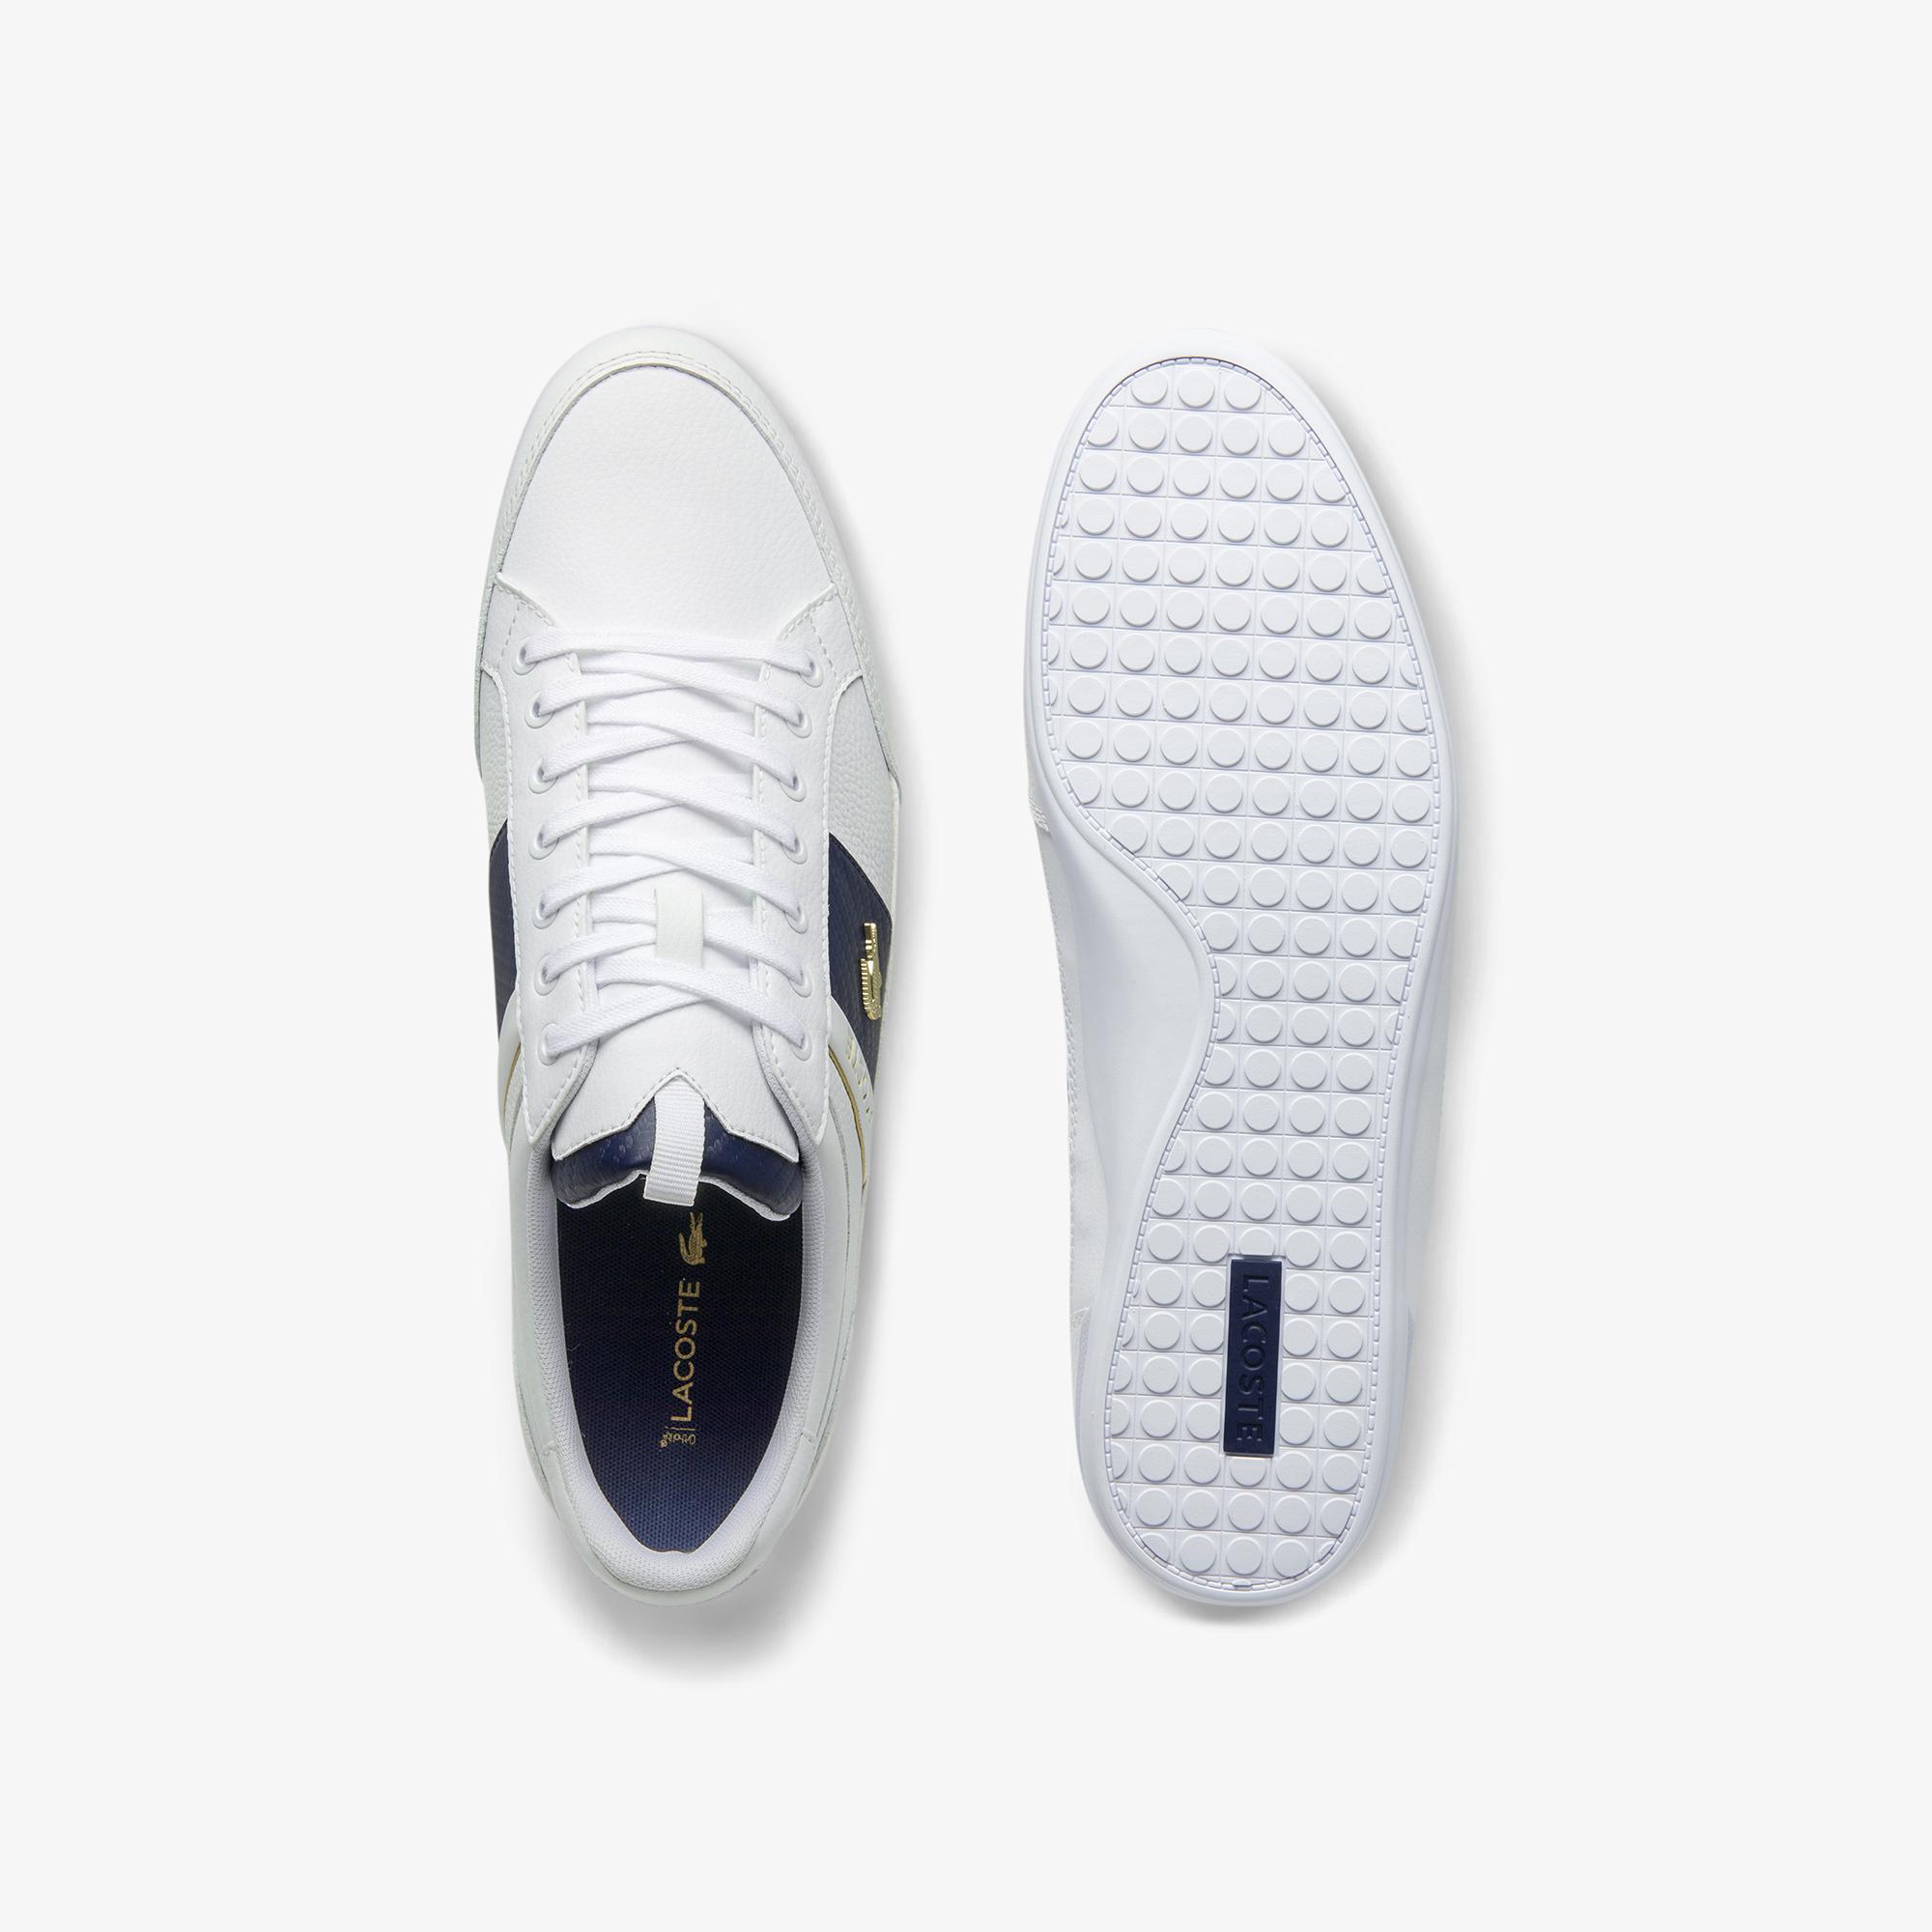 Lacoste Chaymon 0120 1 Cma Męskie skórzane buty